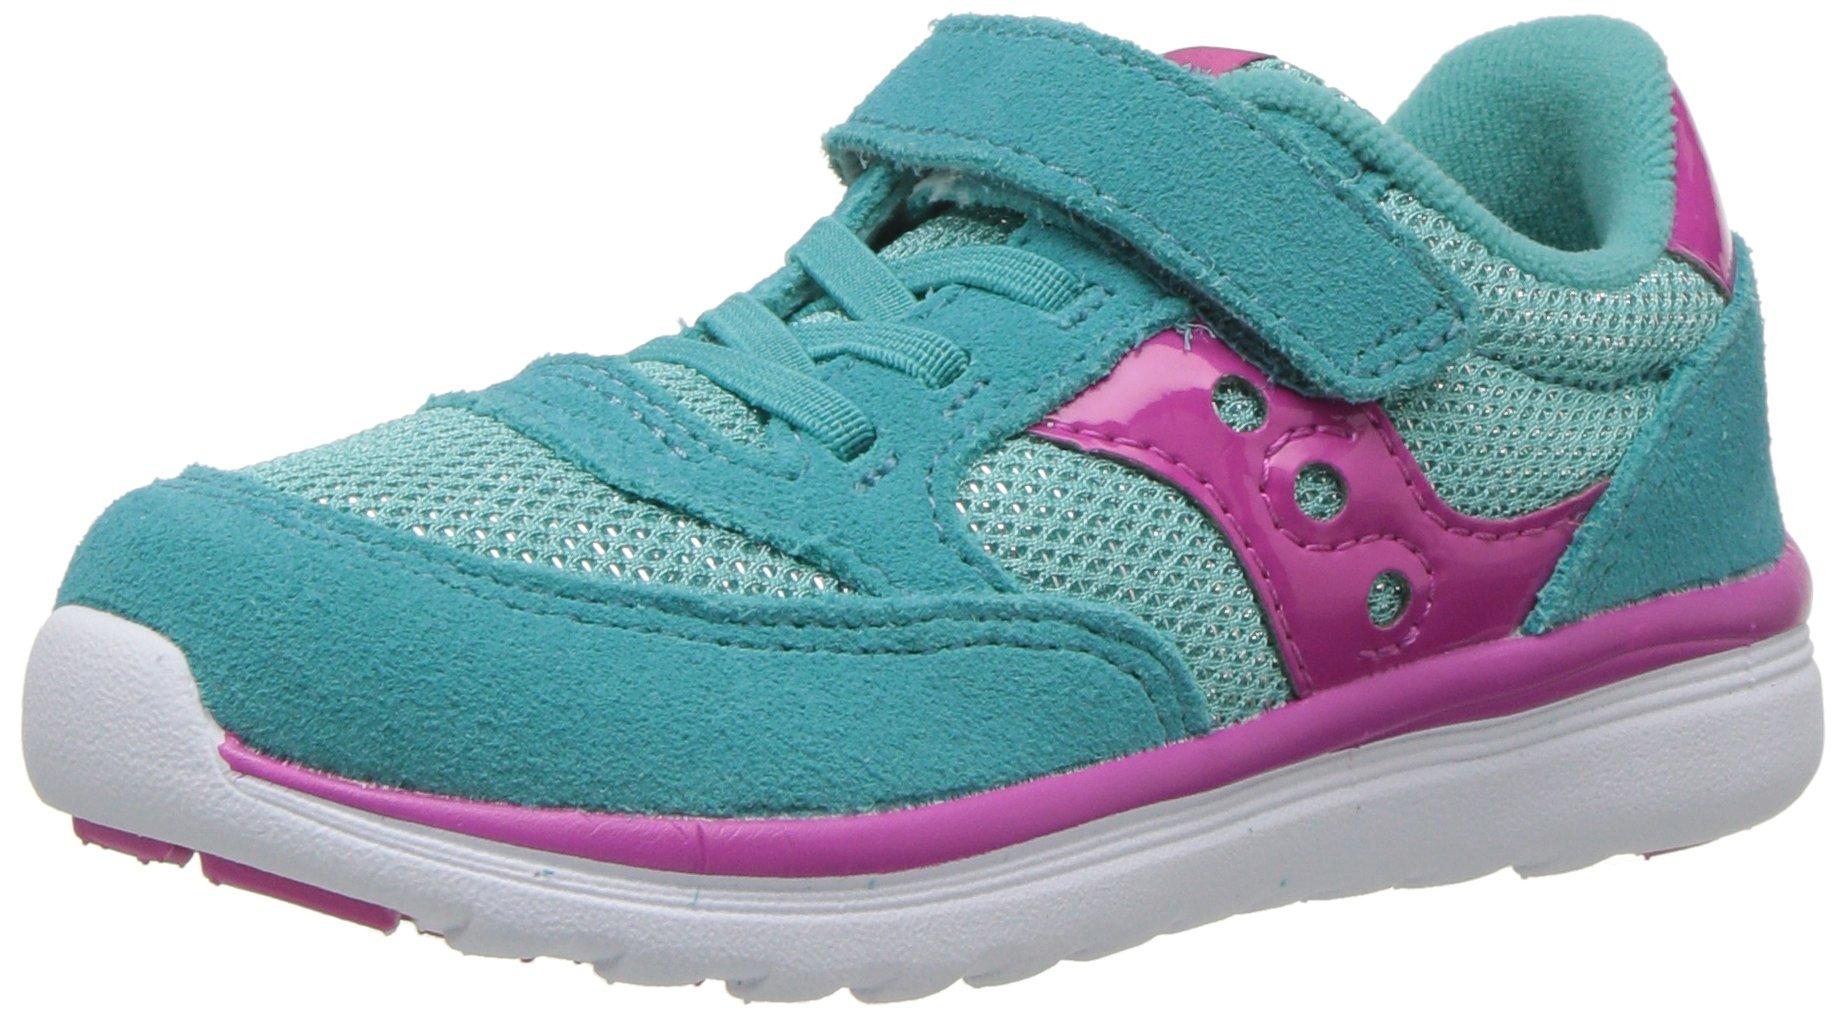 Saucony Girls' Baby Jazz Lite Sneaker, Blue, 7.5